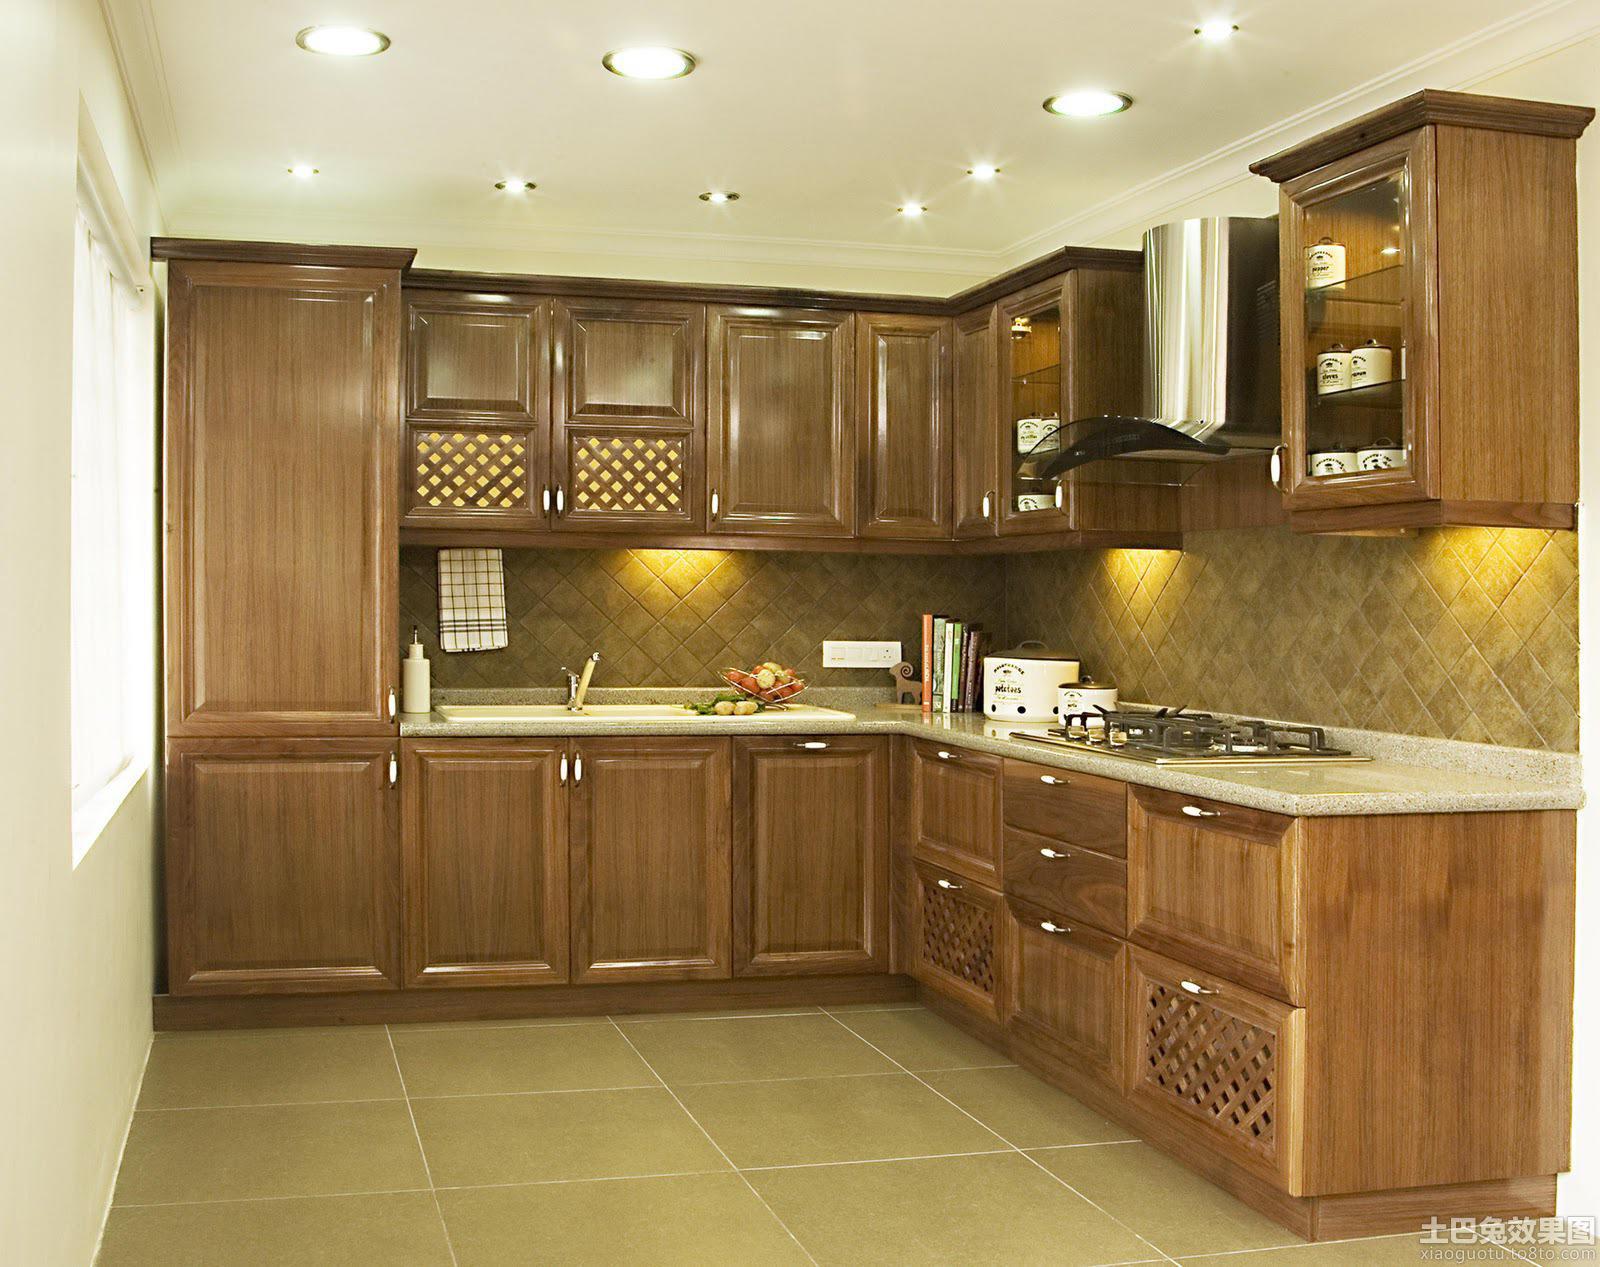 复古风格实木橱柜厨房装修效果图